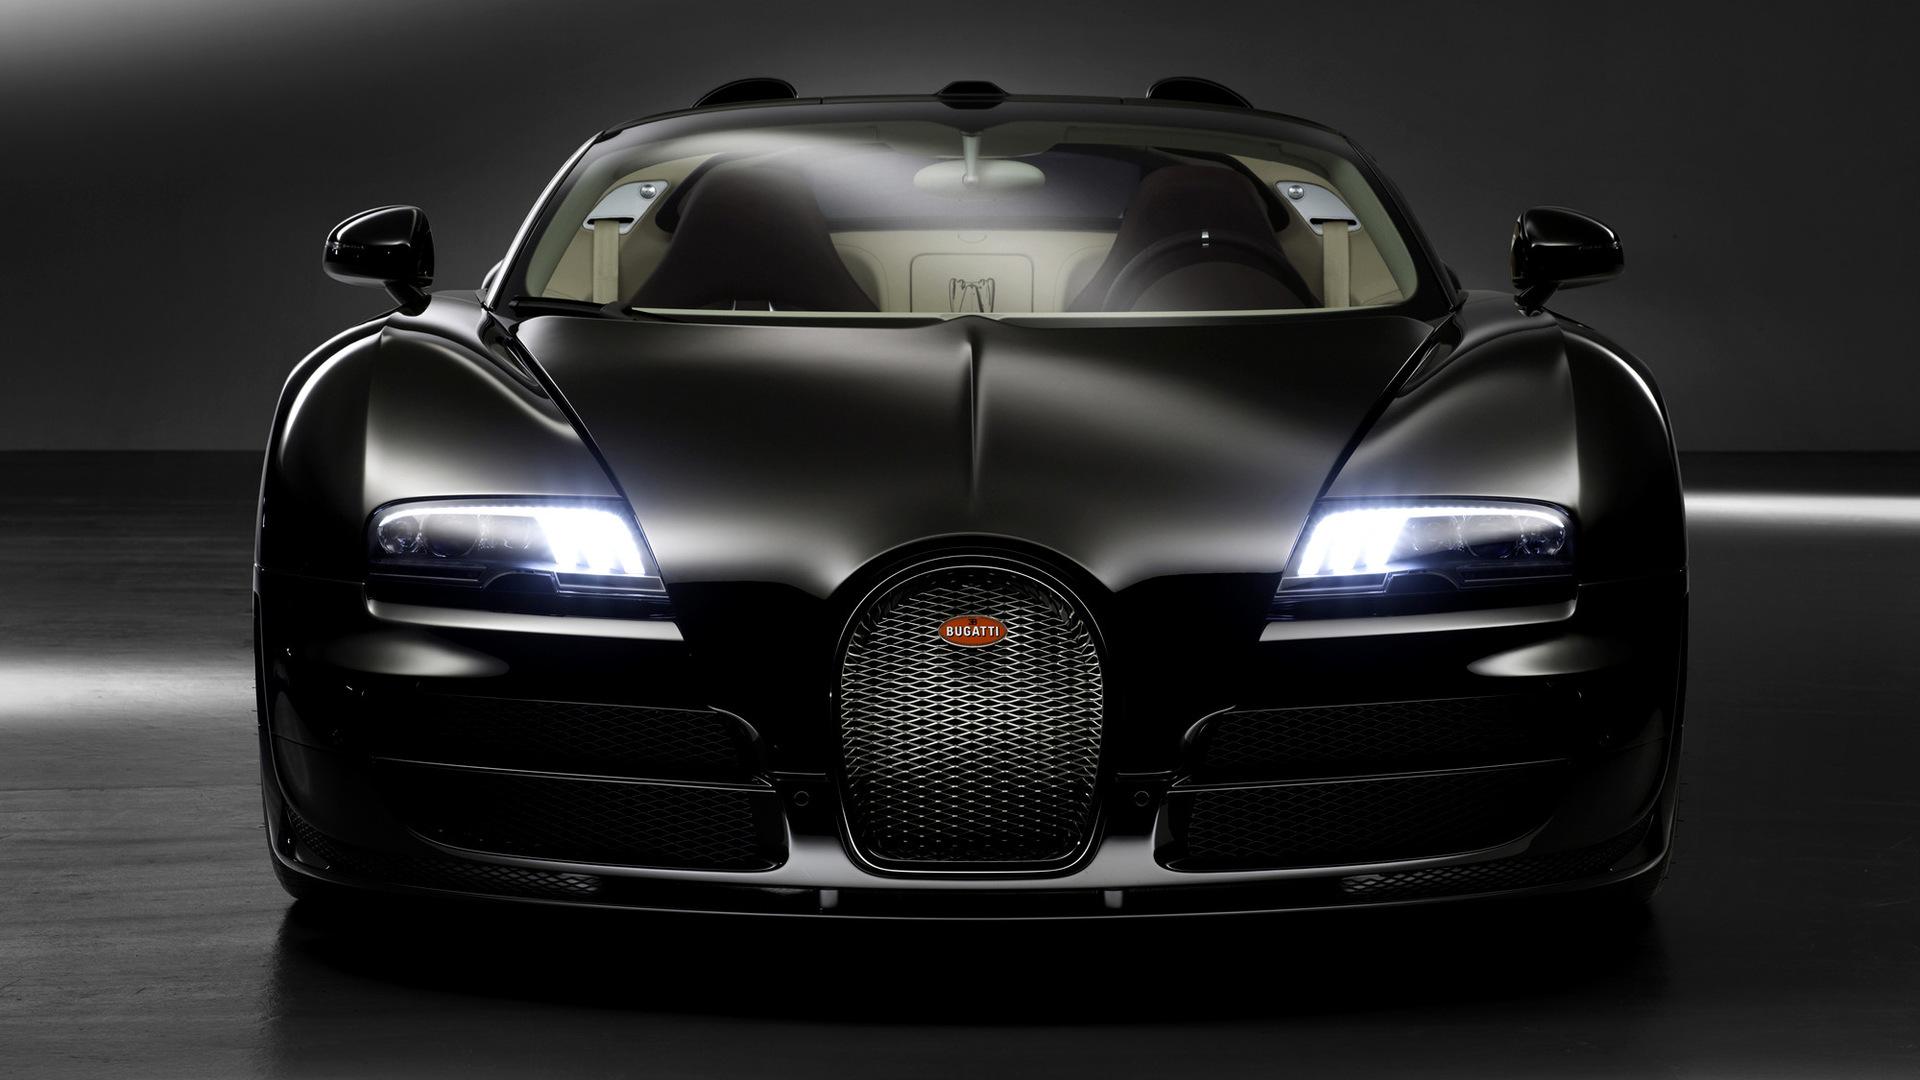 bugatti-veyron-grand-sport-vitesse-jean-bugatti-wallpaper-hd-8617 Gorgeous Bugatti Veyron Grand Sport Vitesse Bleu Cars Trend